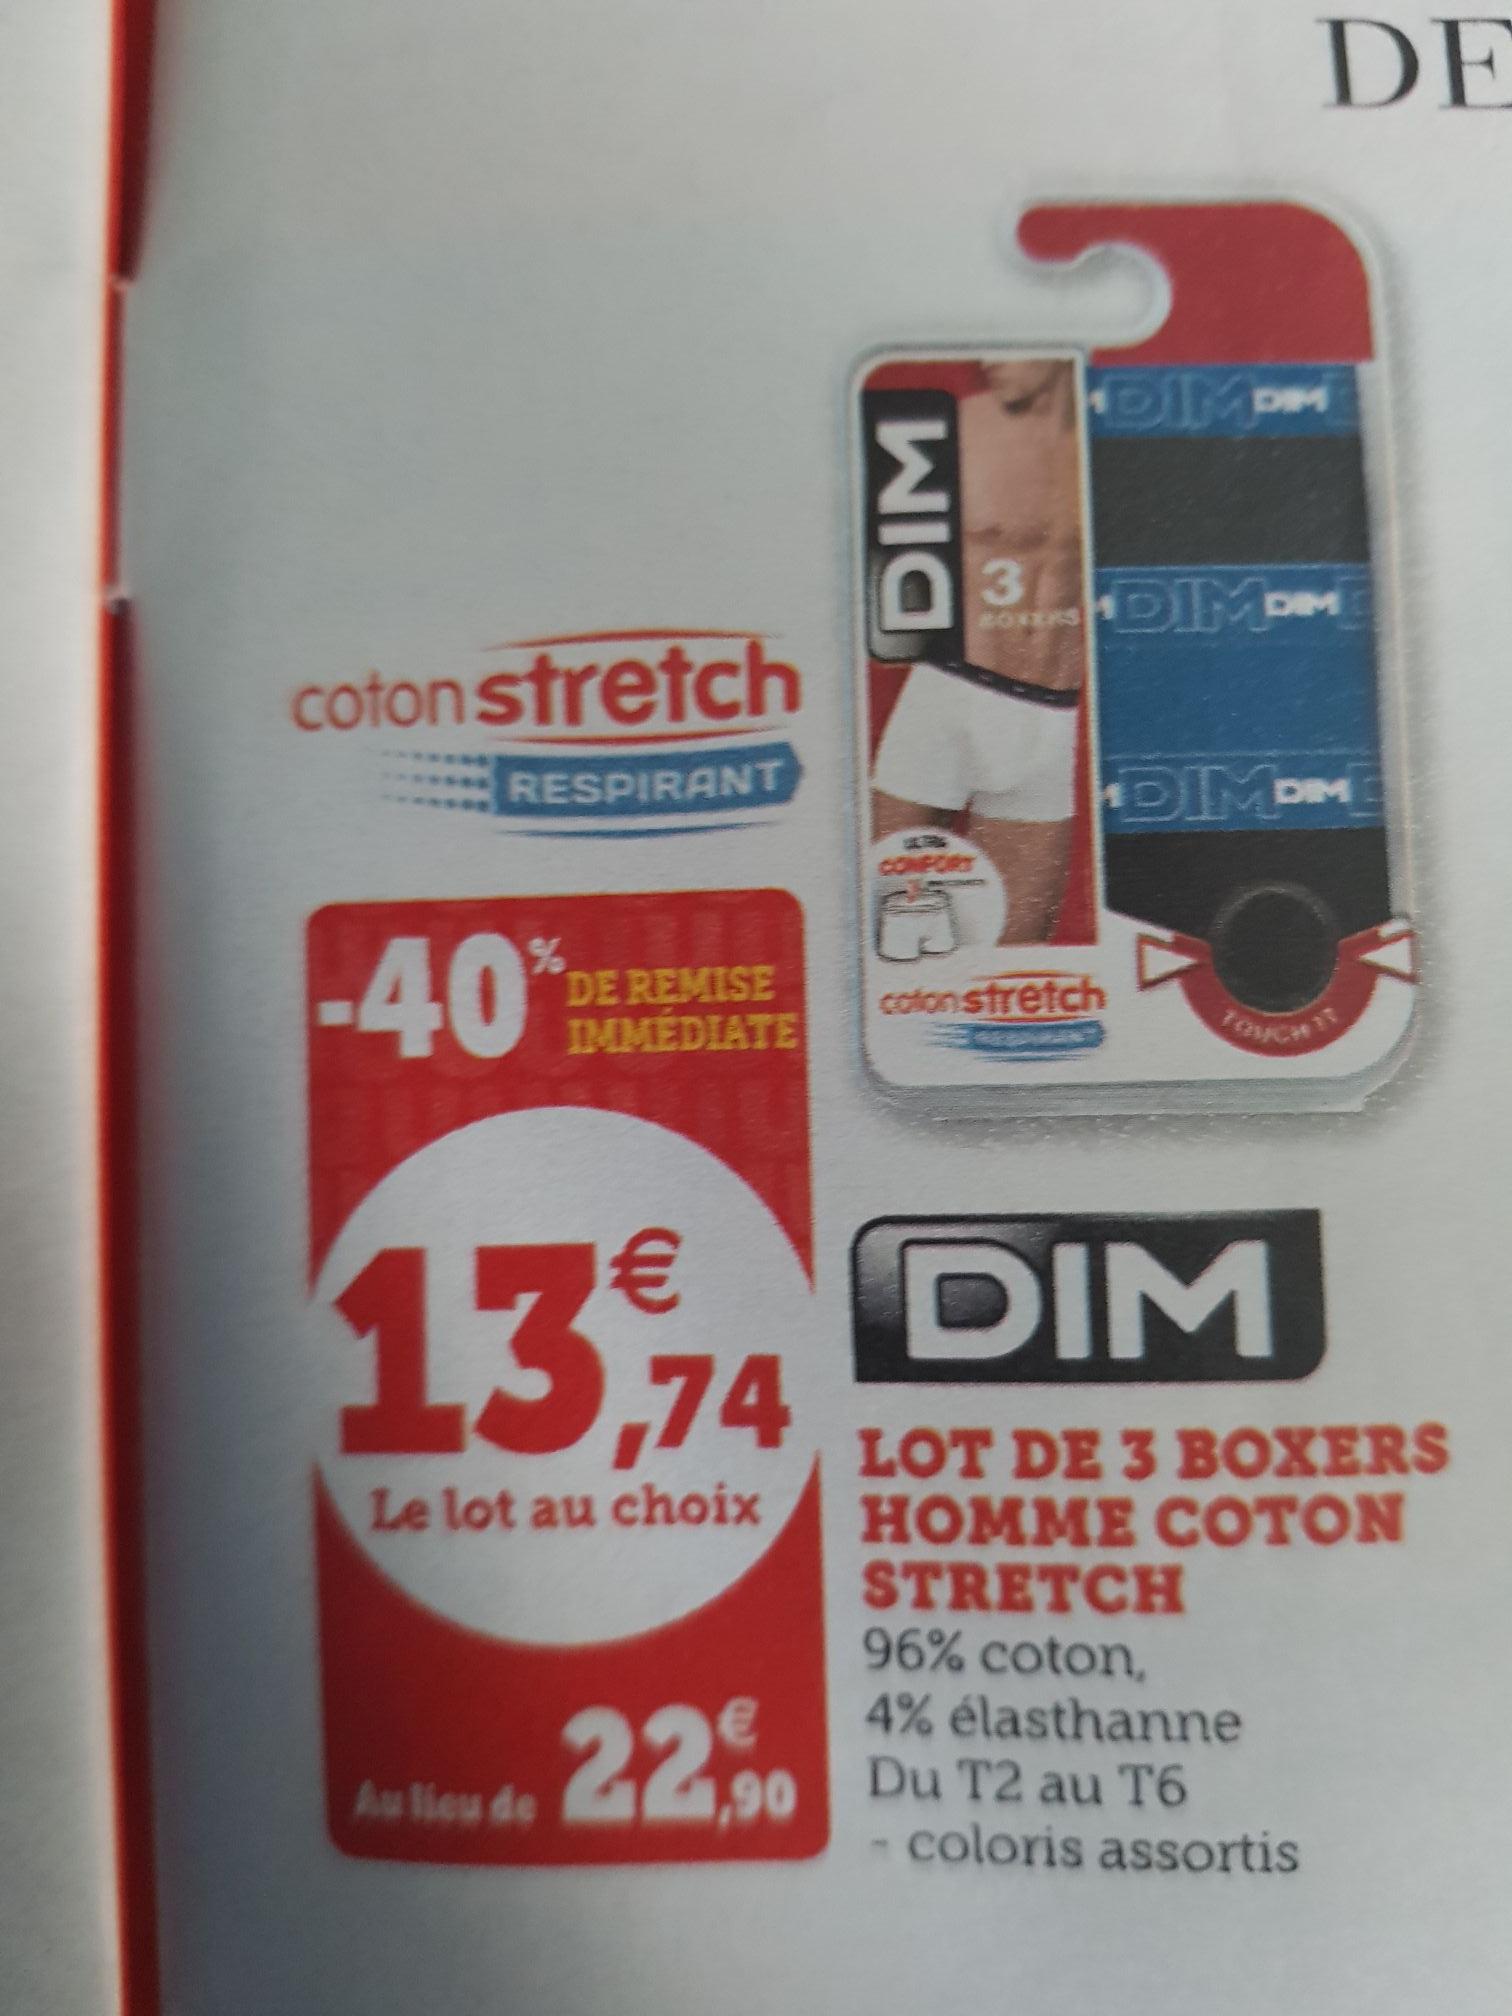 Lot de 3 boxers Dim Coton Stretch - différents coloris (du 2 au 6)